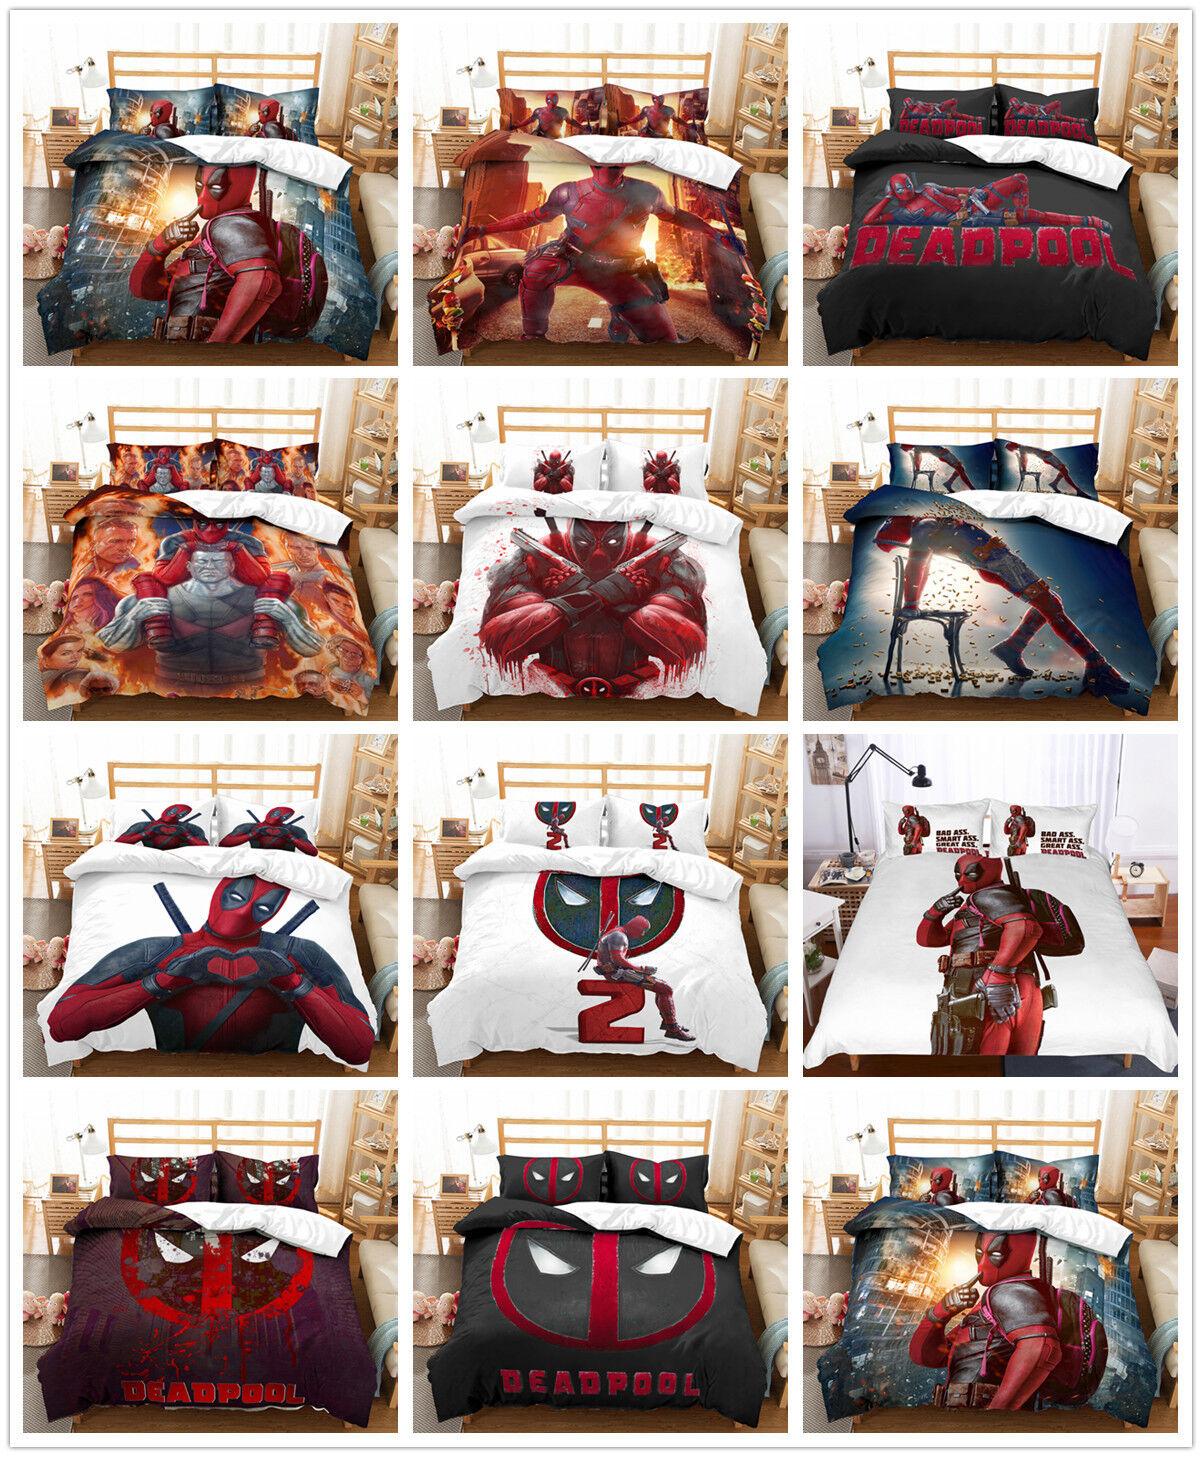 3D Anime Hot Blood Deadpool Bedding Set Duvet Cover Comforter Cover Pillowcase